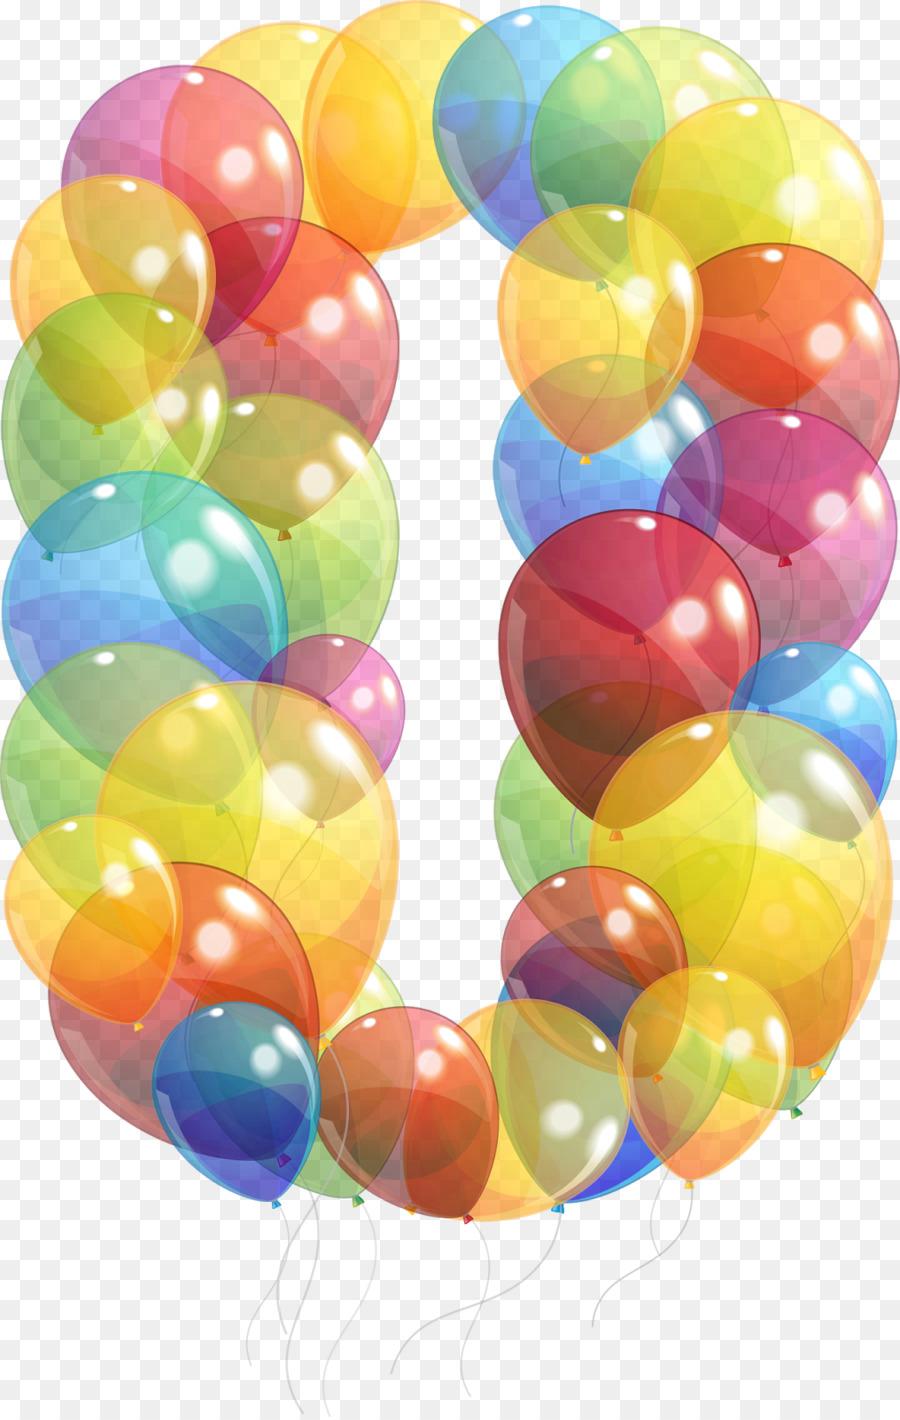 Ataç Balon Küçük Resim Boyama Balon Png Indir 10161600